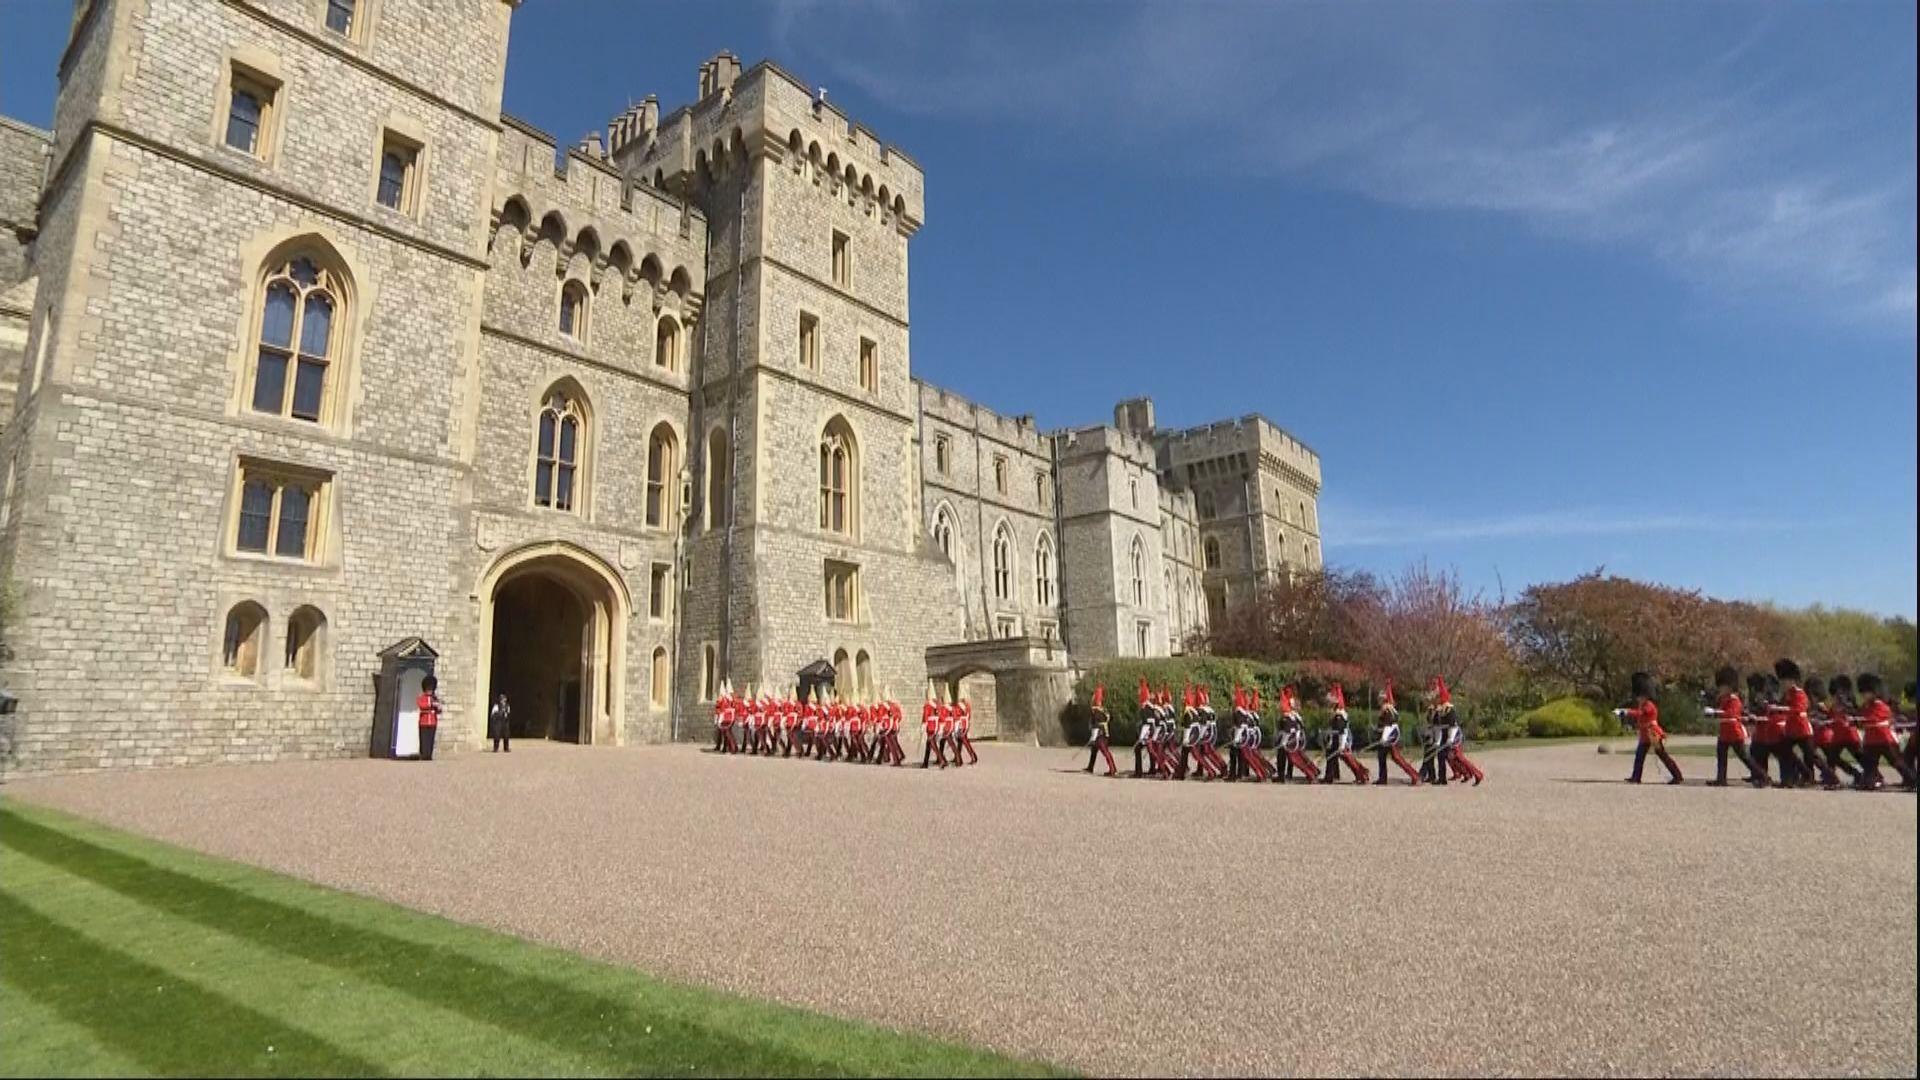 英國菲臘親王葬禮即將舉行 多名王室成員已抵達溫莎堡